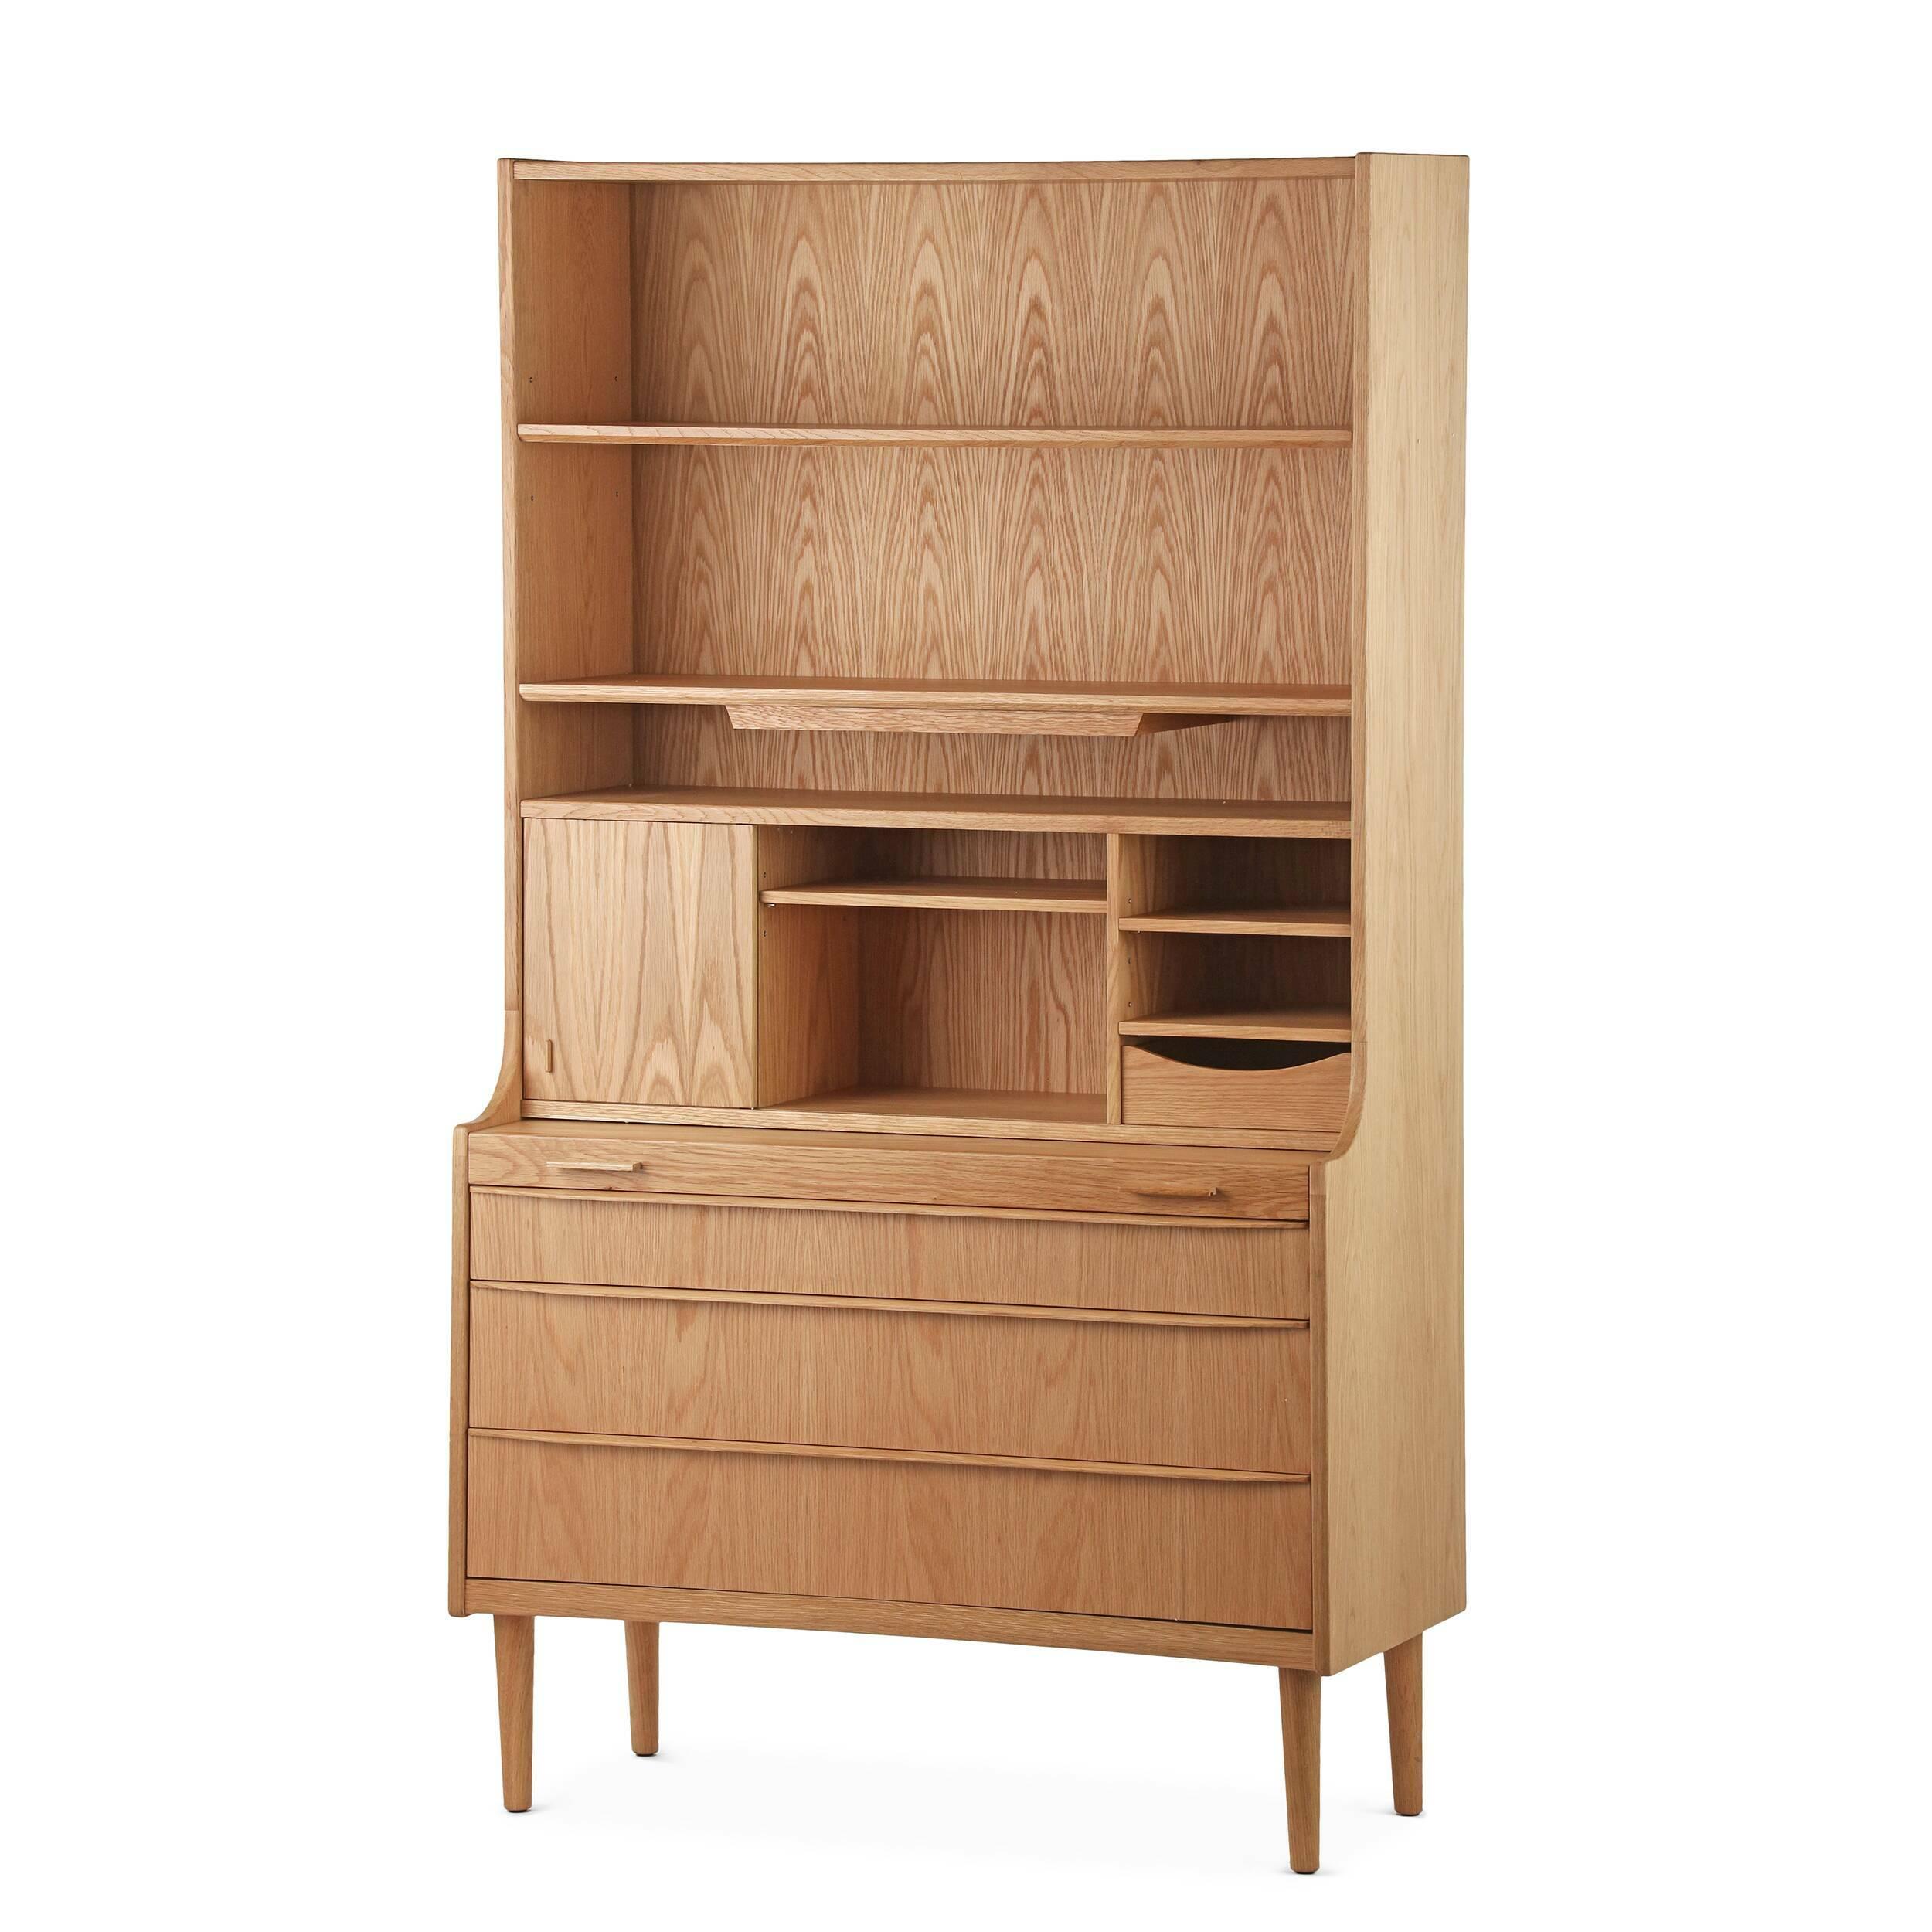 Шкаф ExemplaryШкафы<br>Выбрать подходящую мебель для хранения ваших вещей не всегда легко, приходится учитывать множество факторов. Шкаф или комод должен подходить по дизайну, быть функциональным и удобным и, что немаловажно, иметь привлекательный внешний вид.<br><br><br> Шкаф Exemplary сочетает в себе все необходимые качества высококлассной дизайнерской мебели. У него имеется множество открытых отделений для хранения самых разных вещей, а также вместительные выдвижные ящики. Шкаф покоится на четырех высоких устойчив...<br><br>stock: 1<br>Высота: 176,5<br>Ширина: 100<br>Глубина: 46,5<br>Цвет ножек: Дуб<br>Материал каркаса: МДФ, шпон дуба<br>Материал ножек: Массив дуба<br>Тип материала каркаса: МДФ<br>Тип материала ножек: Дерево<br>Цвет каркаса: Дуб